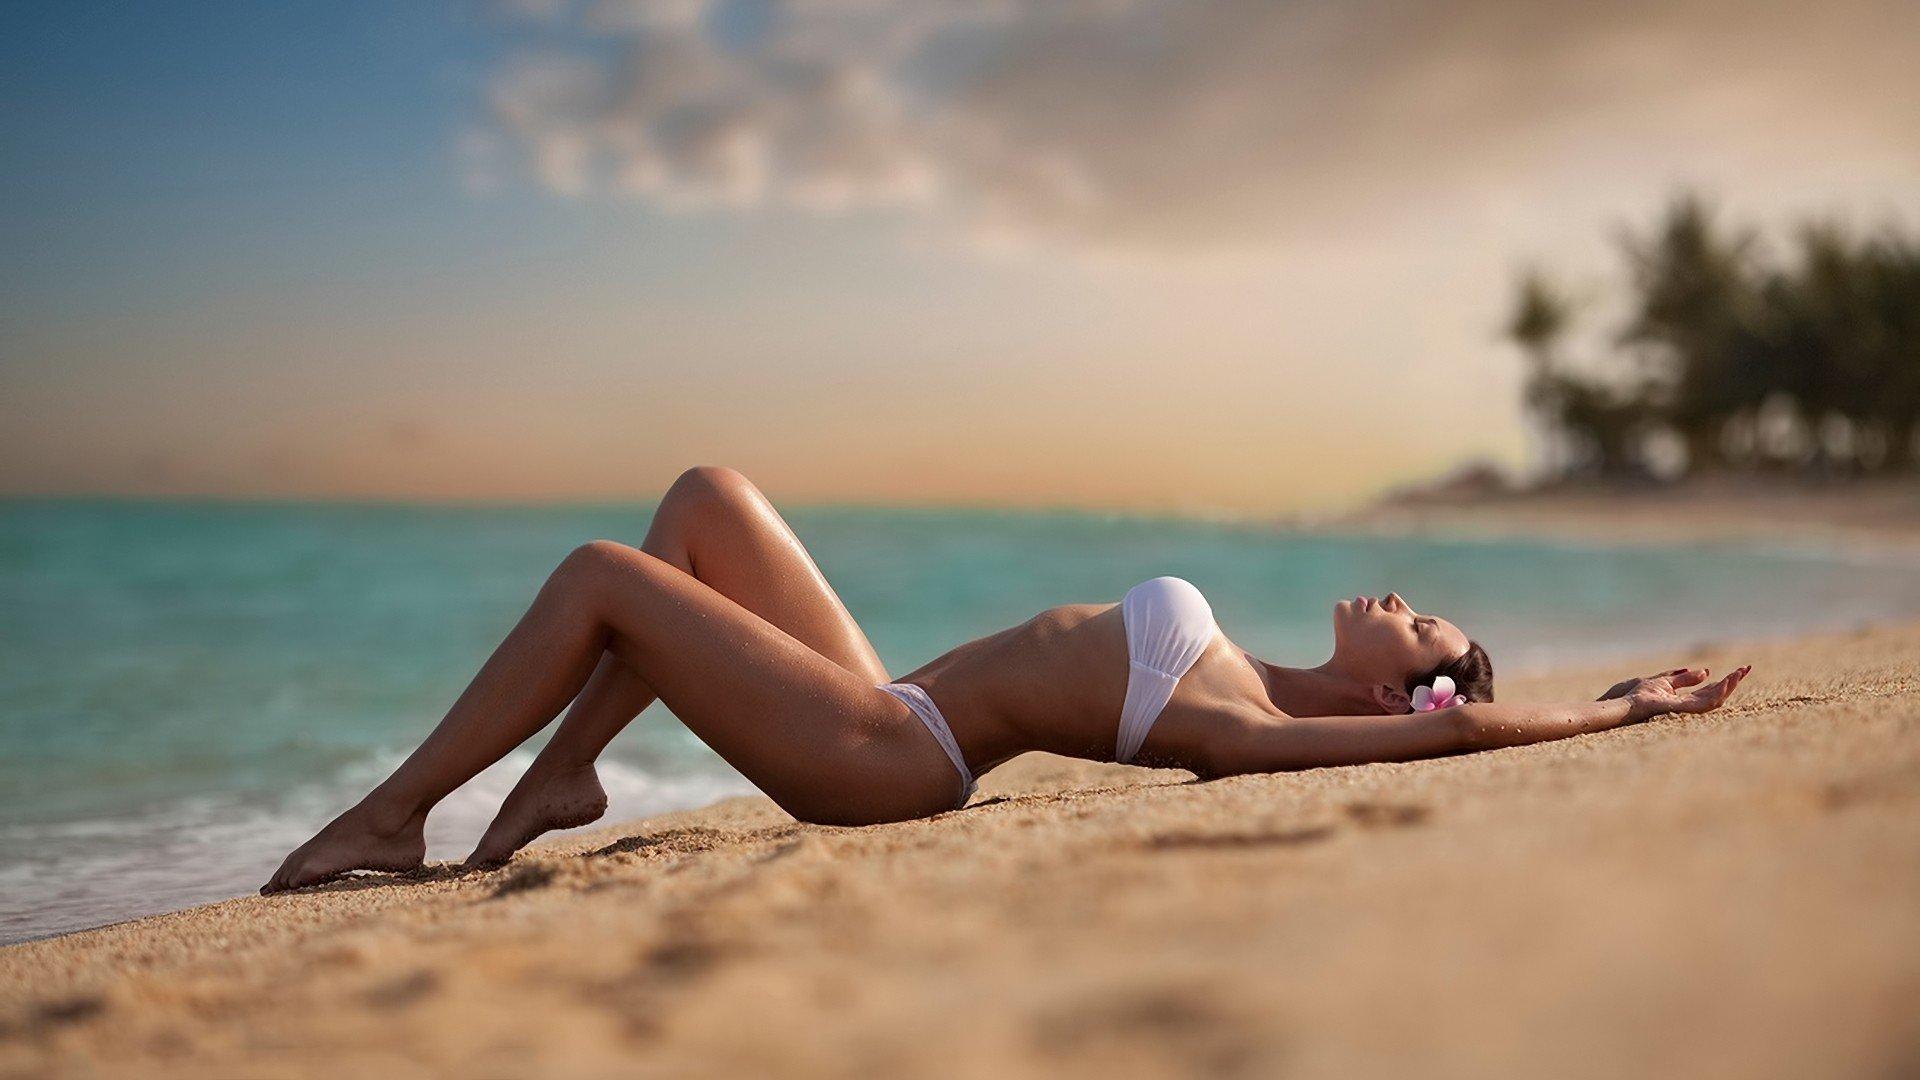 433716-beach-women